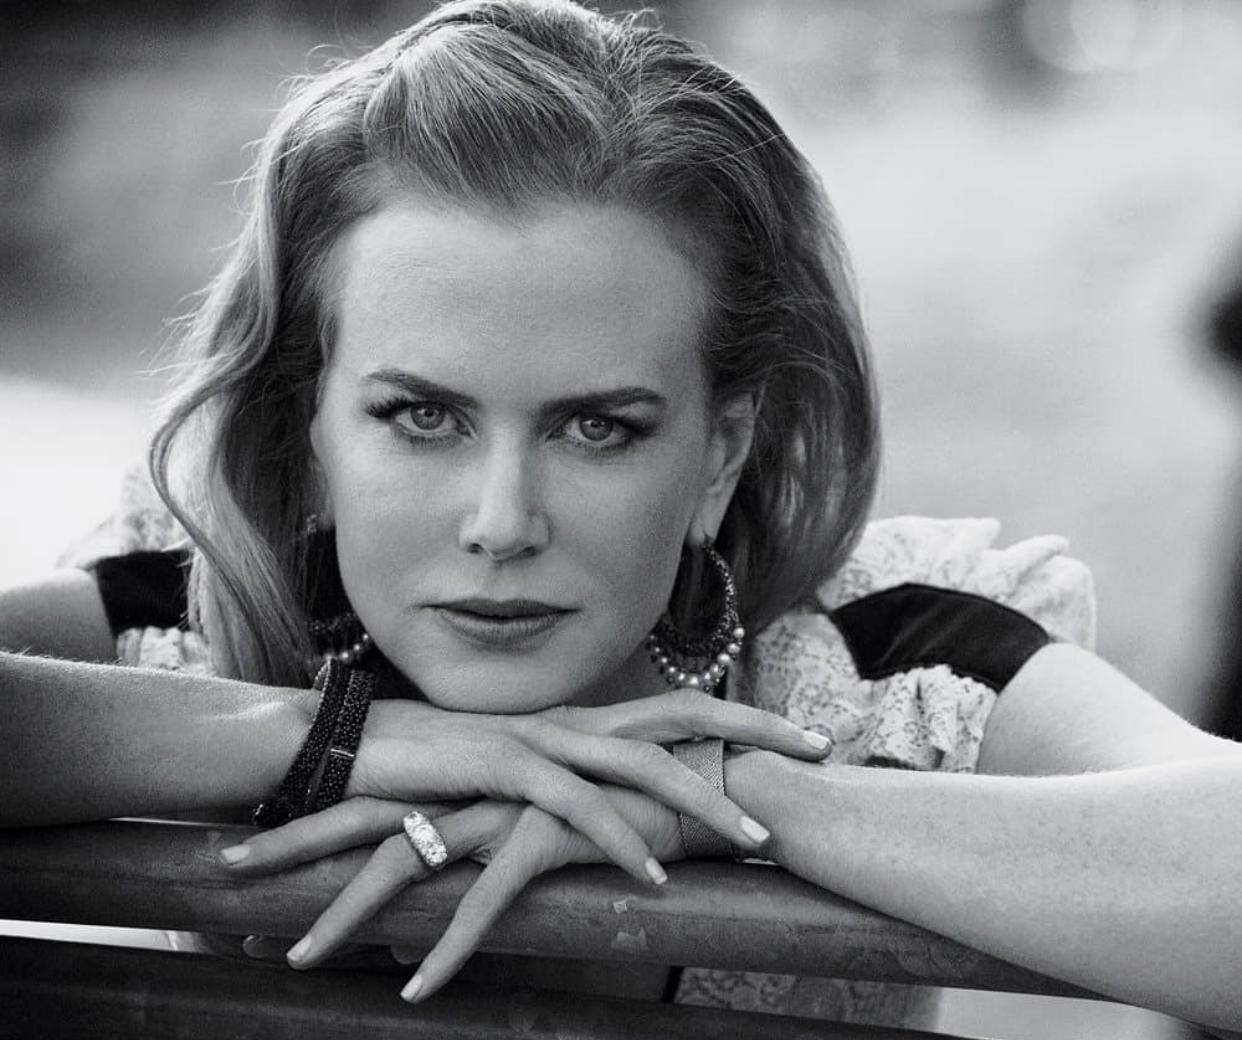 Cinema, LA FABBRICA DEI SOGNI. Thriller psicologico in arrivo con la bella Nicole Kidman